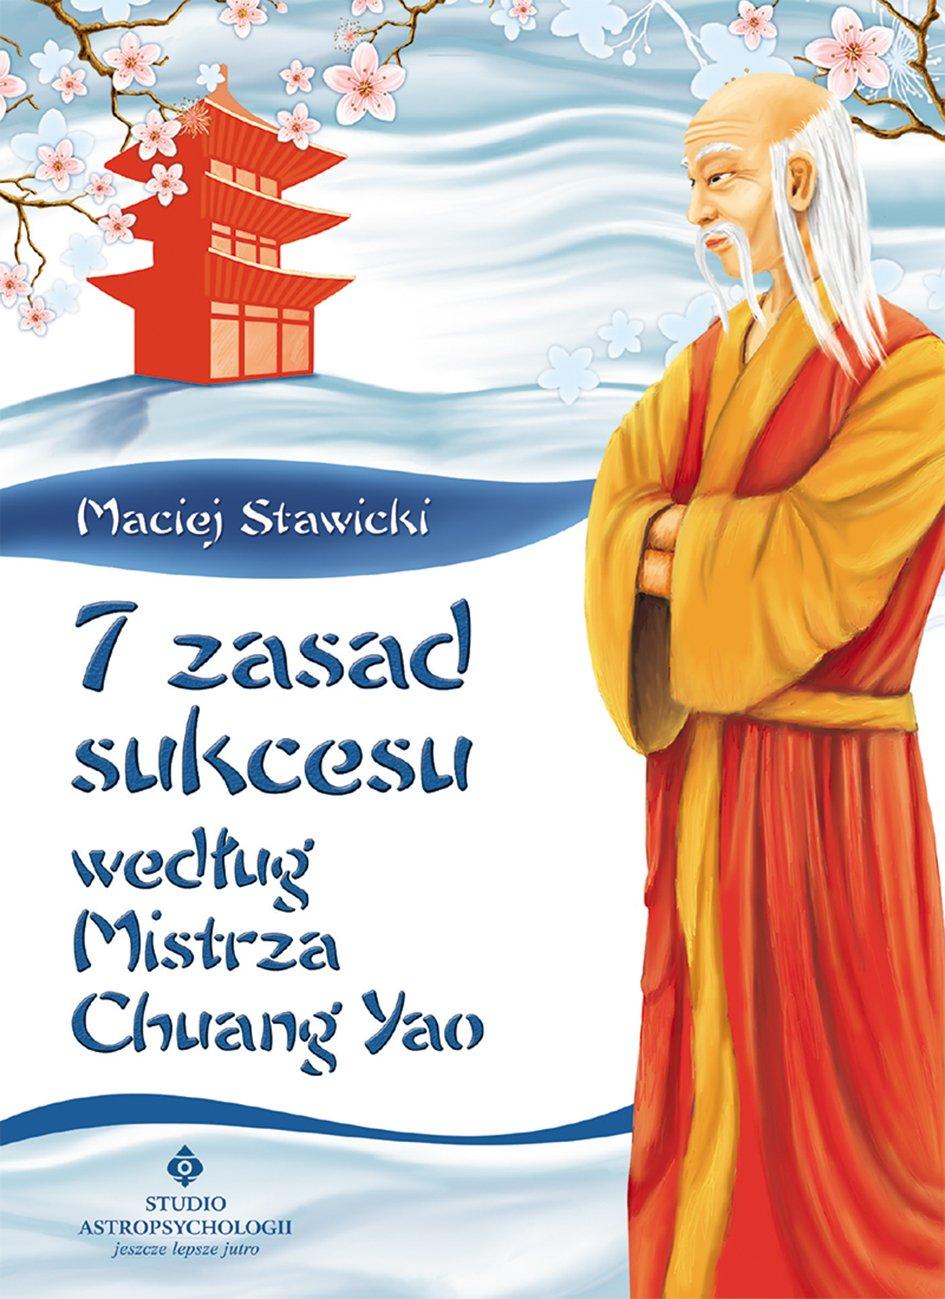 7 zasad sukcesu według Mistrza Chuang Yao - Ebook (Książka EPUB) do pobrania w formacie EPUB